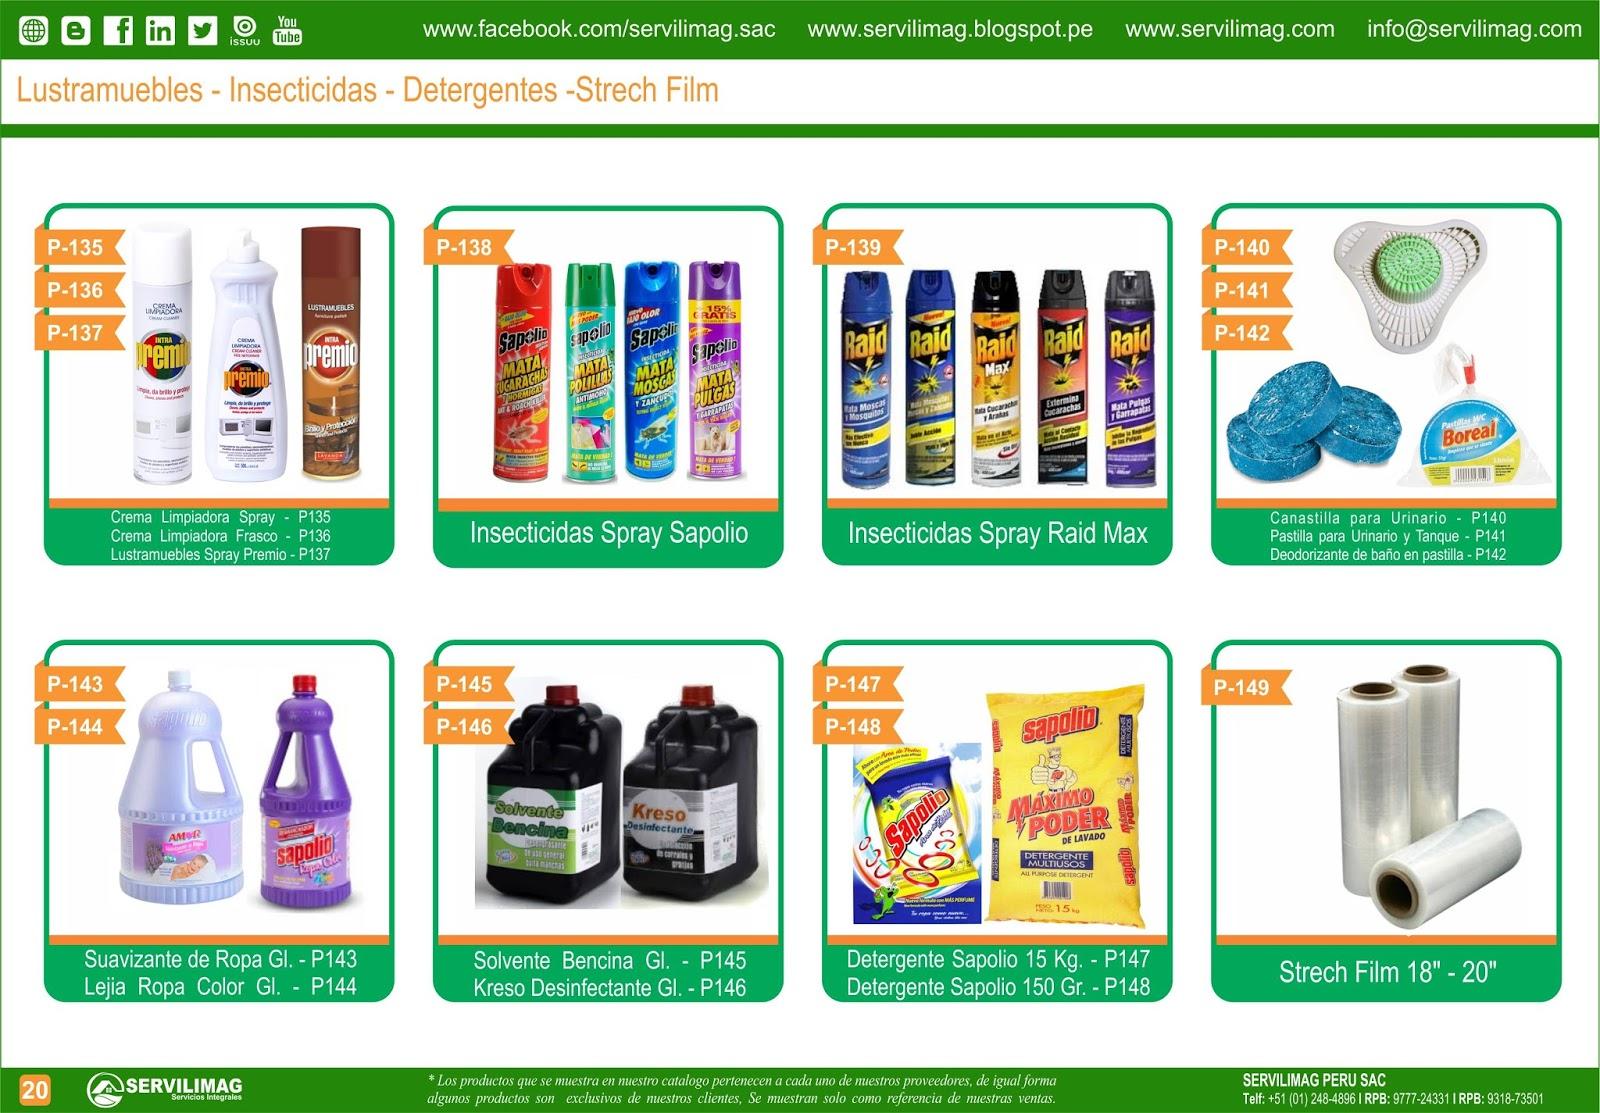 Servilimag servicios integrales venta productos de for Modelo de catalogo de productos